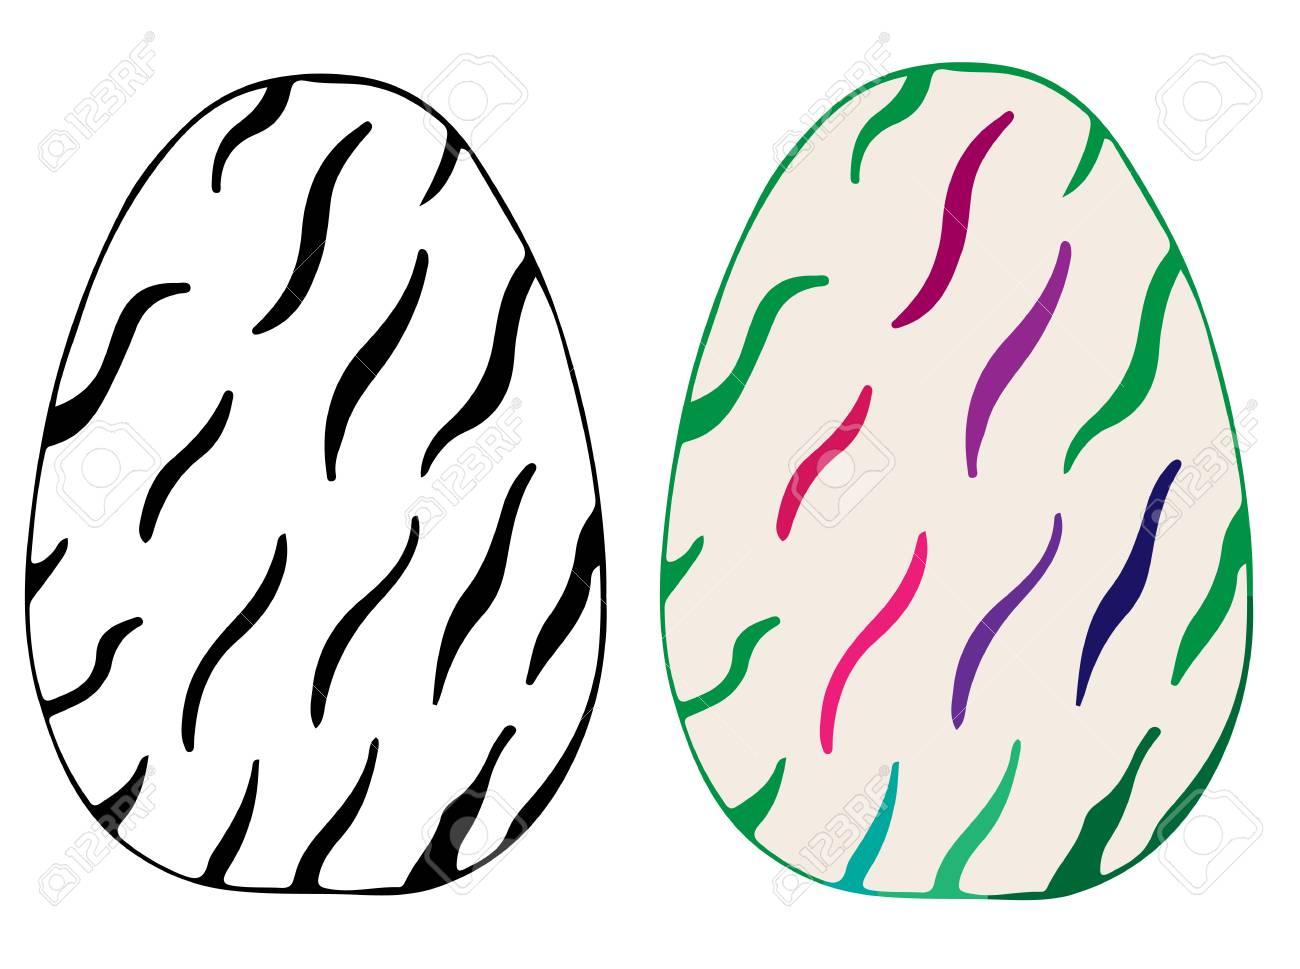 Huevo De Pascua Para Colorear Elementos De Libro Y Diseño. Puede Ser ...